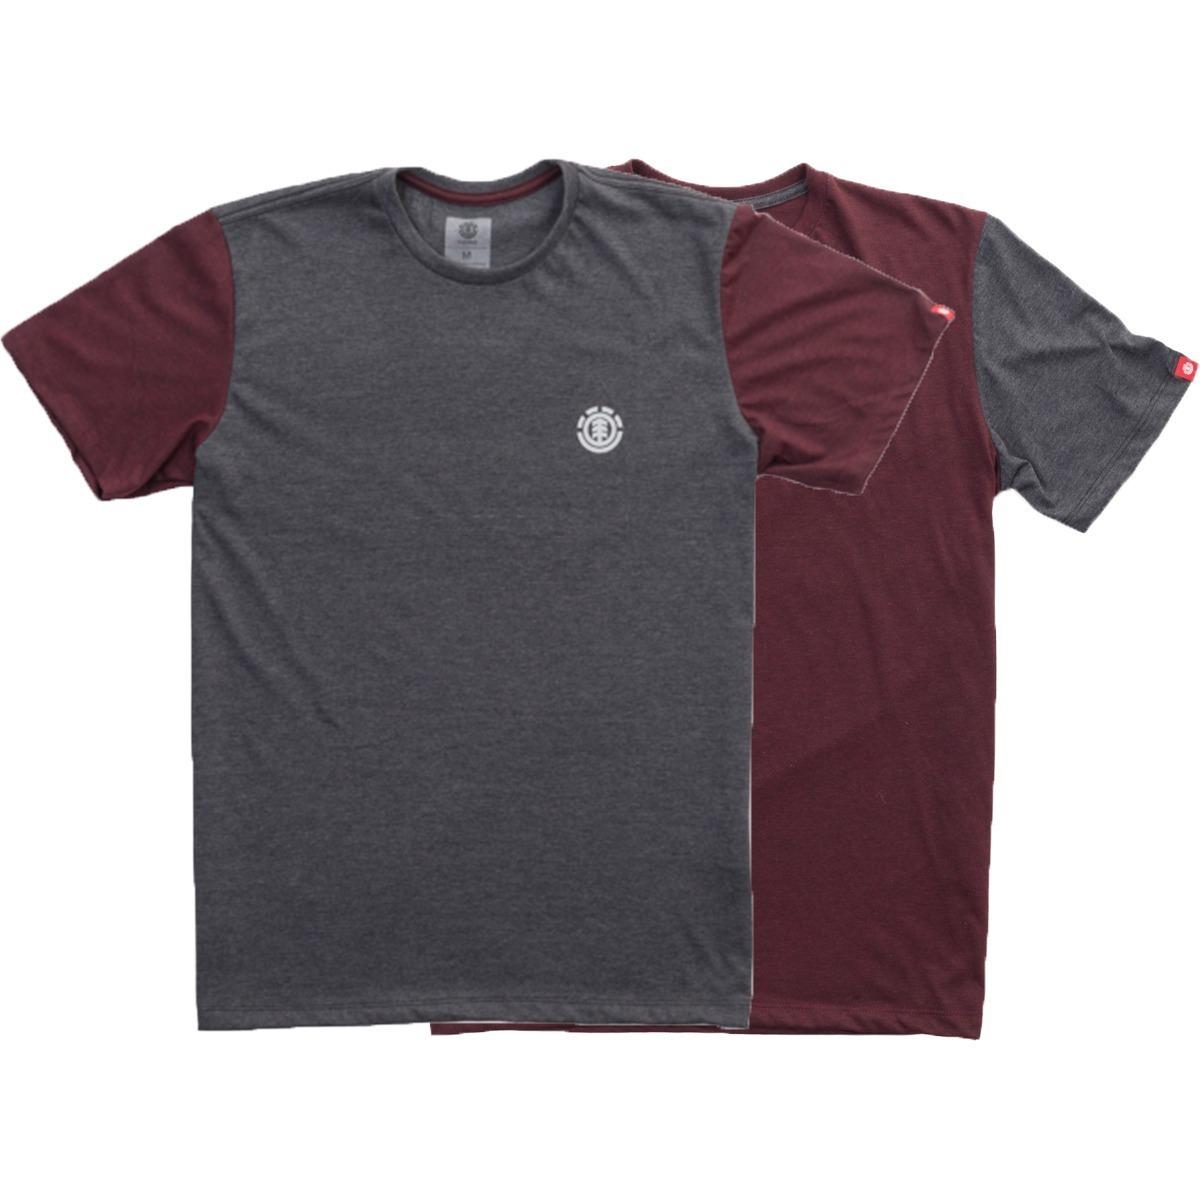 kit camiseta masculina element skate double manga curta. Carregando zoom. 47f4ee72d5e